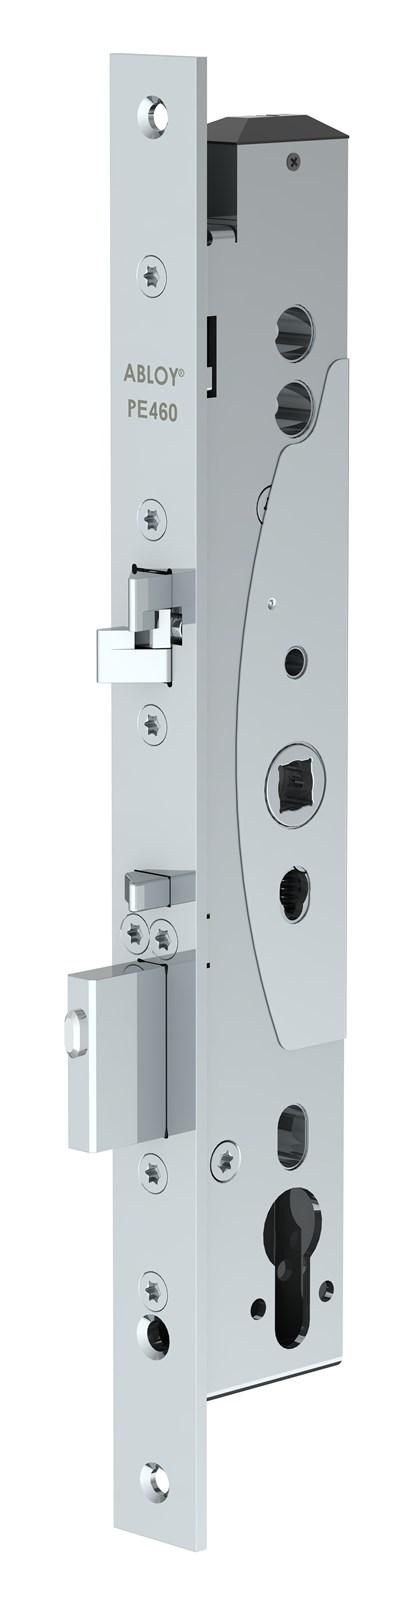 Lock case PE460